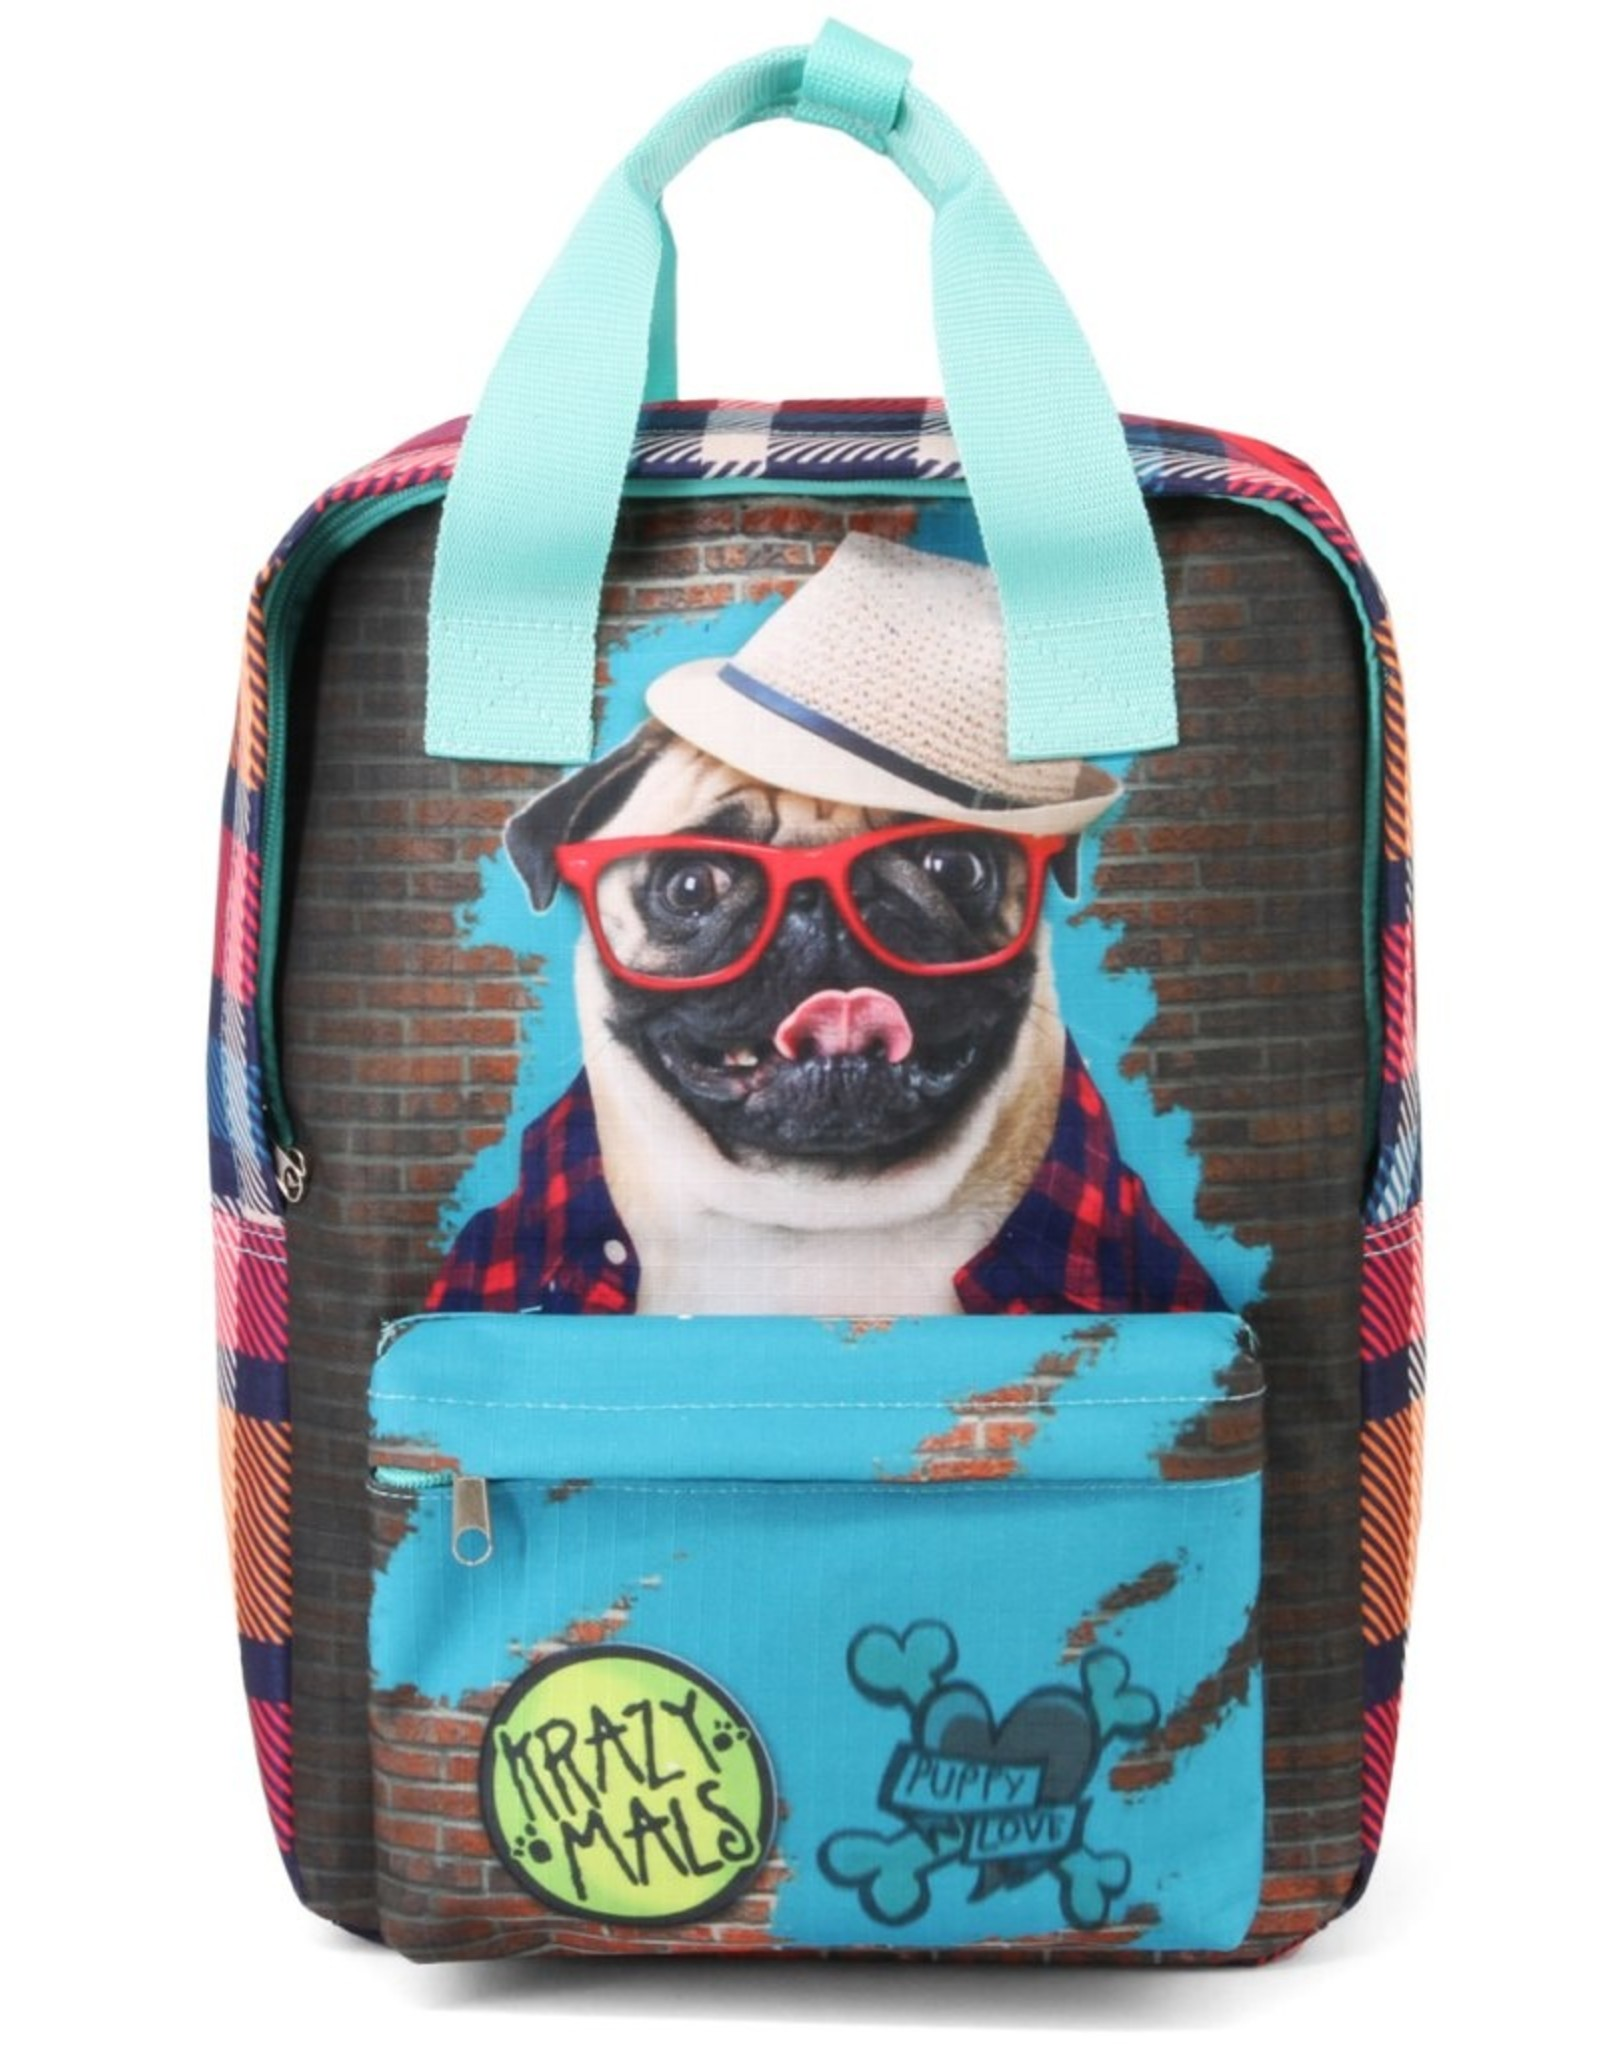 Krazymals Rugzakken en heuptassen - Krazymals rugzak Mops met bril en hoed op